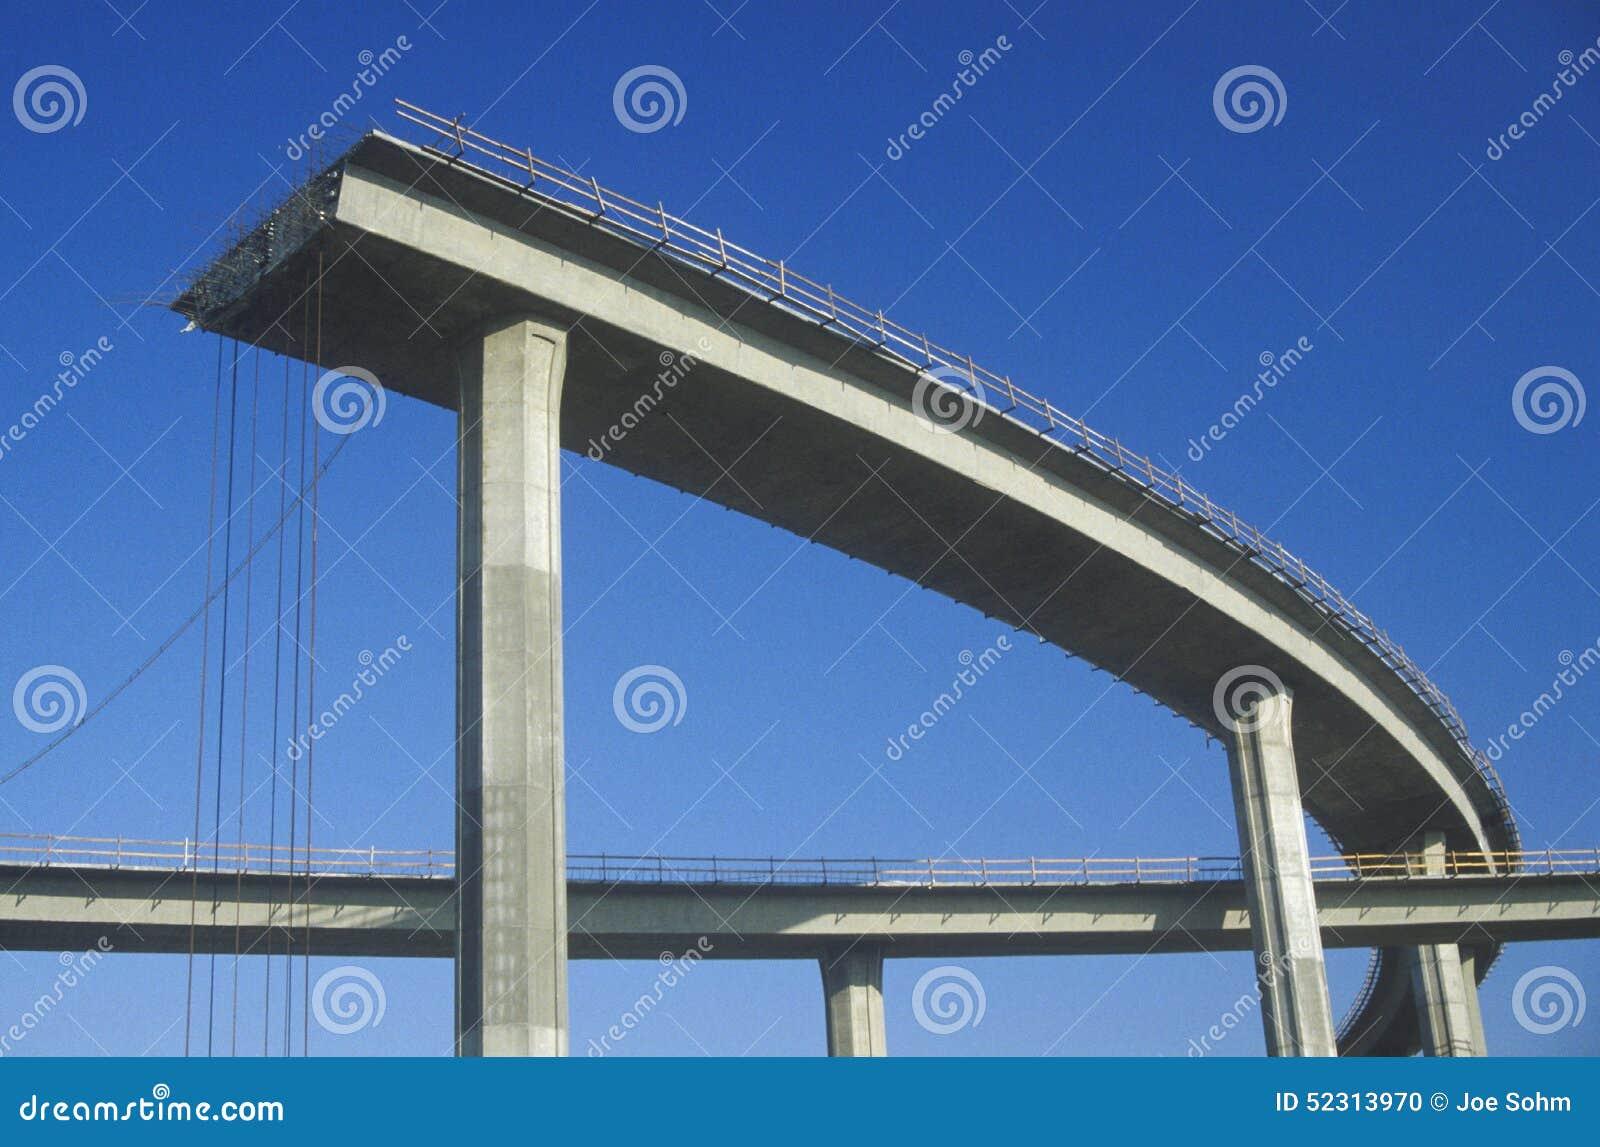 Концы структуры скоростного шоссе бетона скачком с железной поддержкой не будут составлять вставлять вне и рельсы безопасности вы